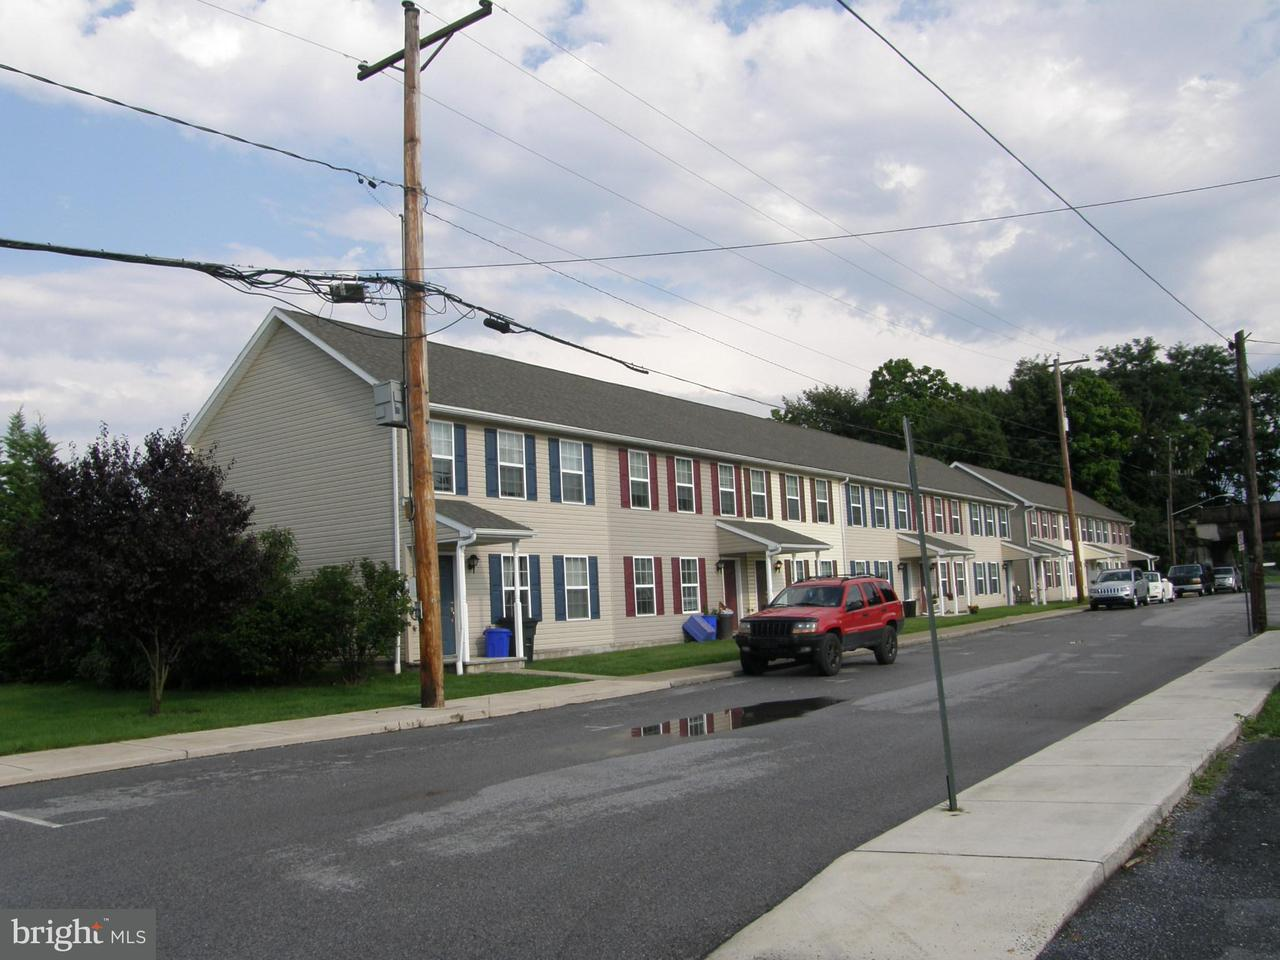 Многосемейный дом для того Продажа на 121-147 SENECA - EARL ST S 121-147 SENECA - EARL ST S Shippensburg, Пенсильвания 17257 Соединенные Штаты